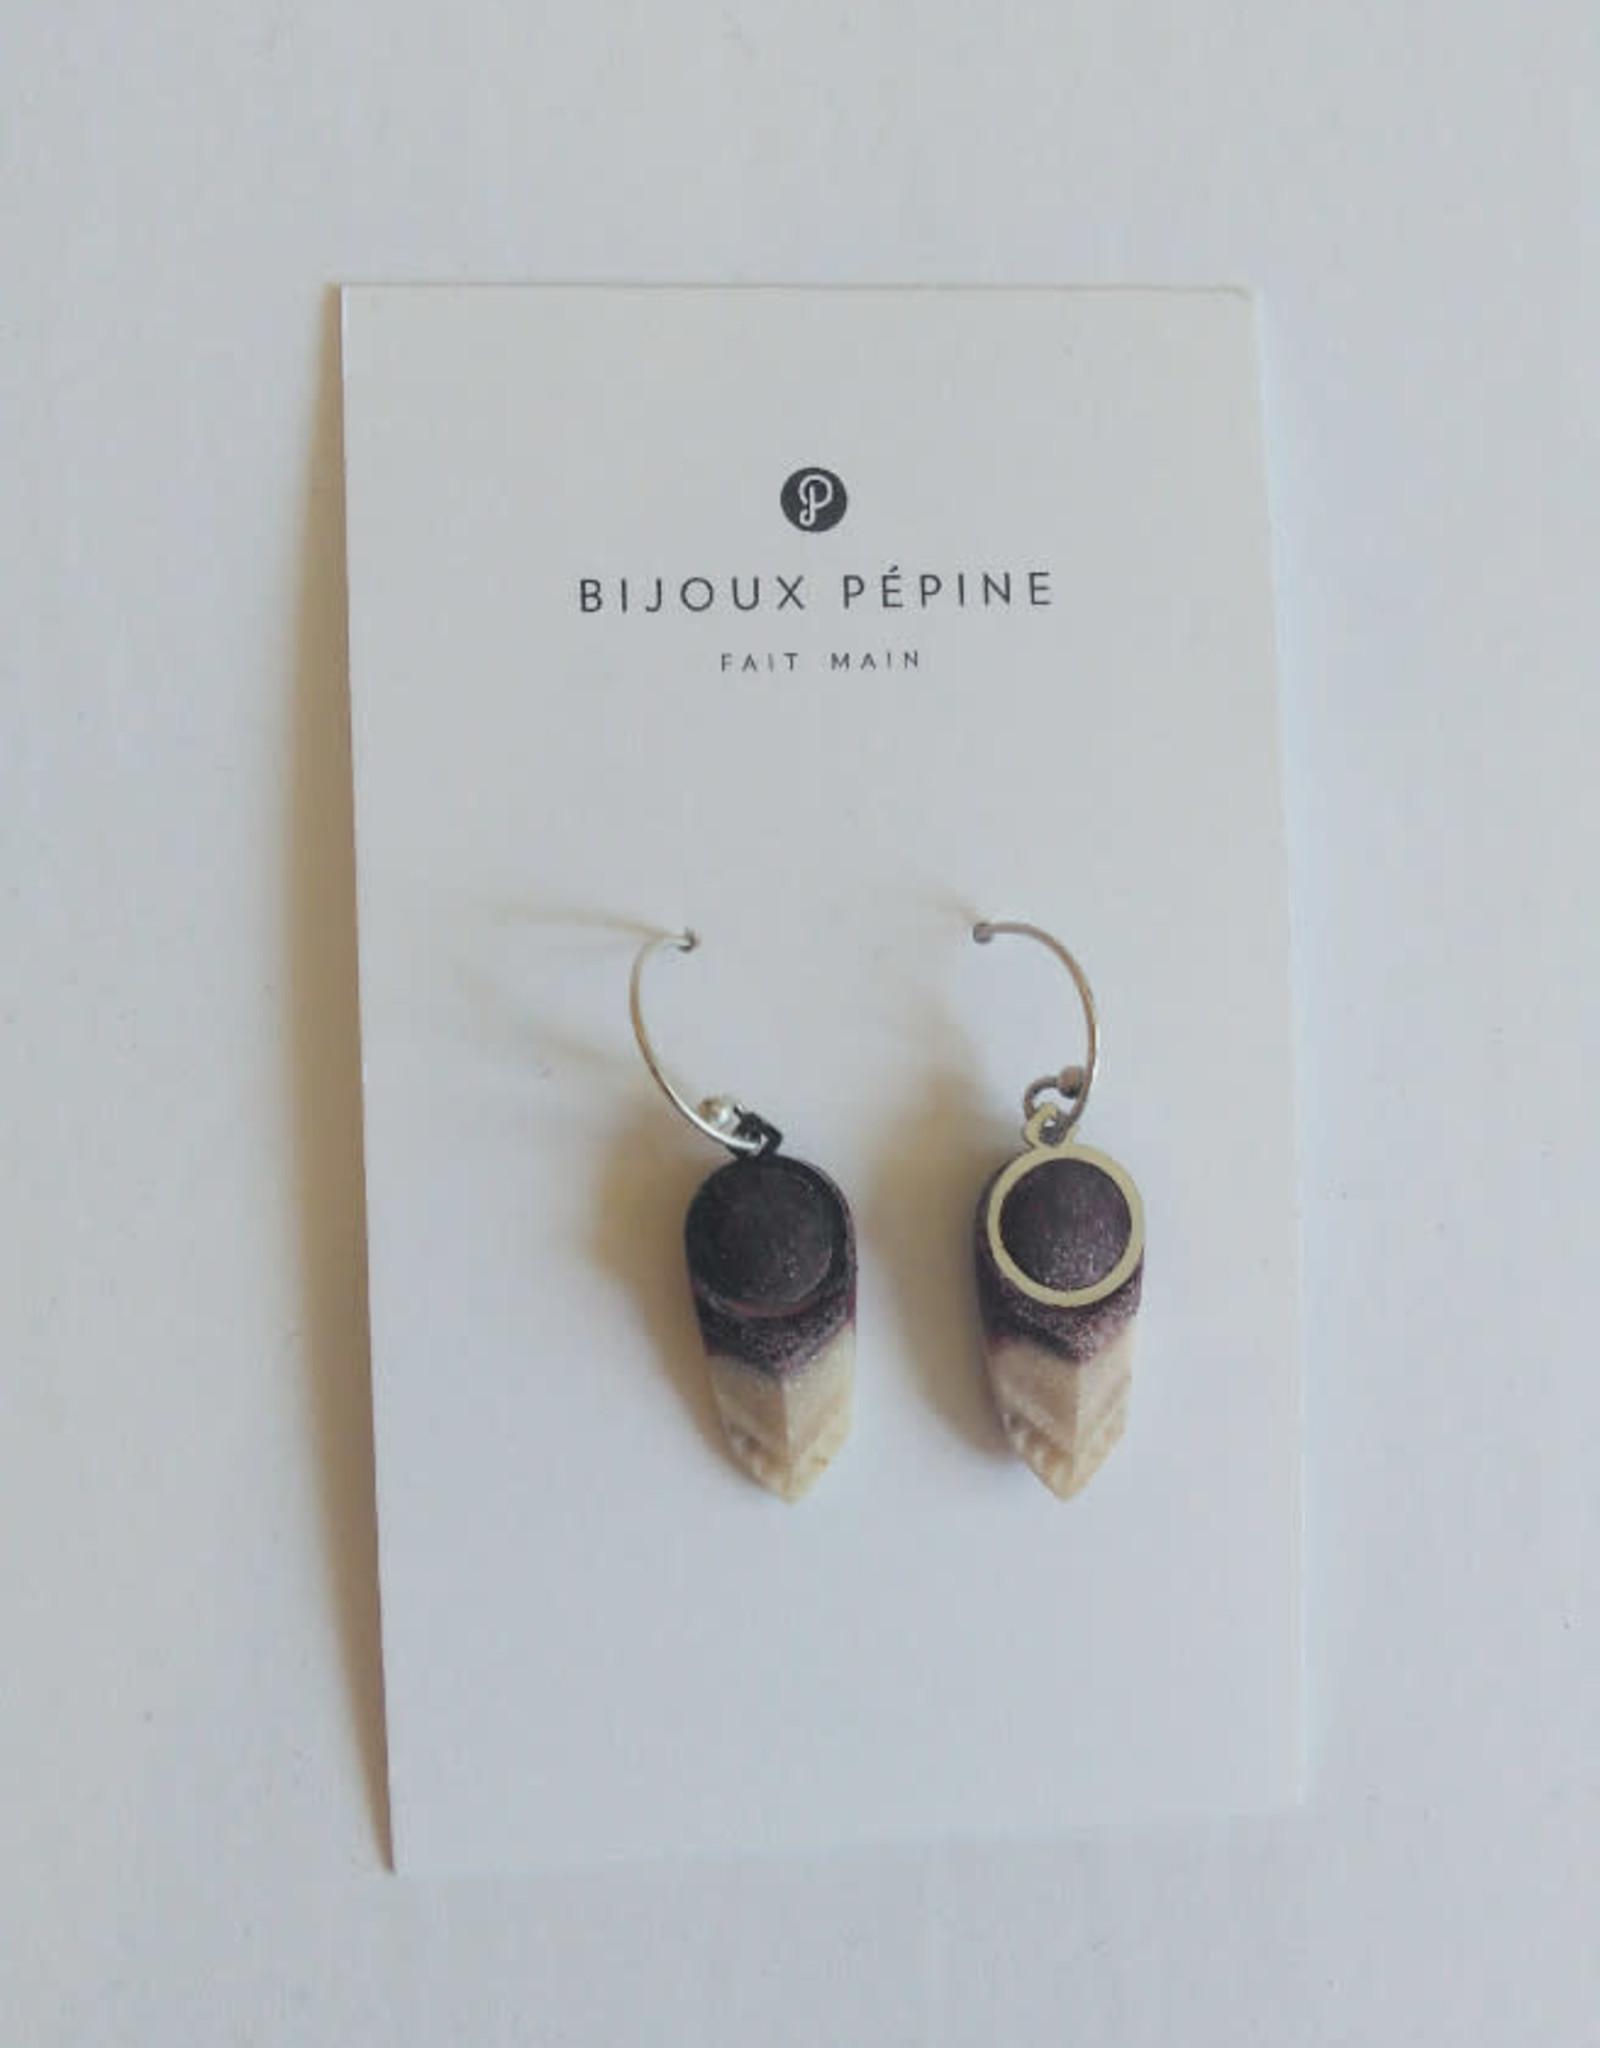 Bijoux Pepine Boucles d'oreilles Panache Bijoux Pépine Bordeaux Marbré